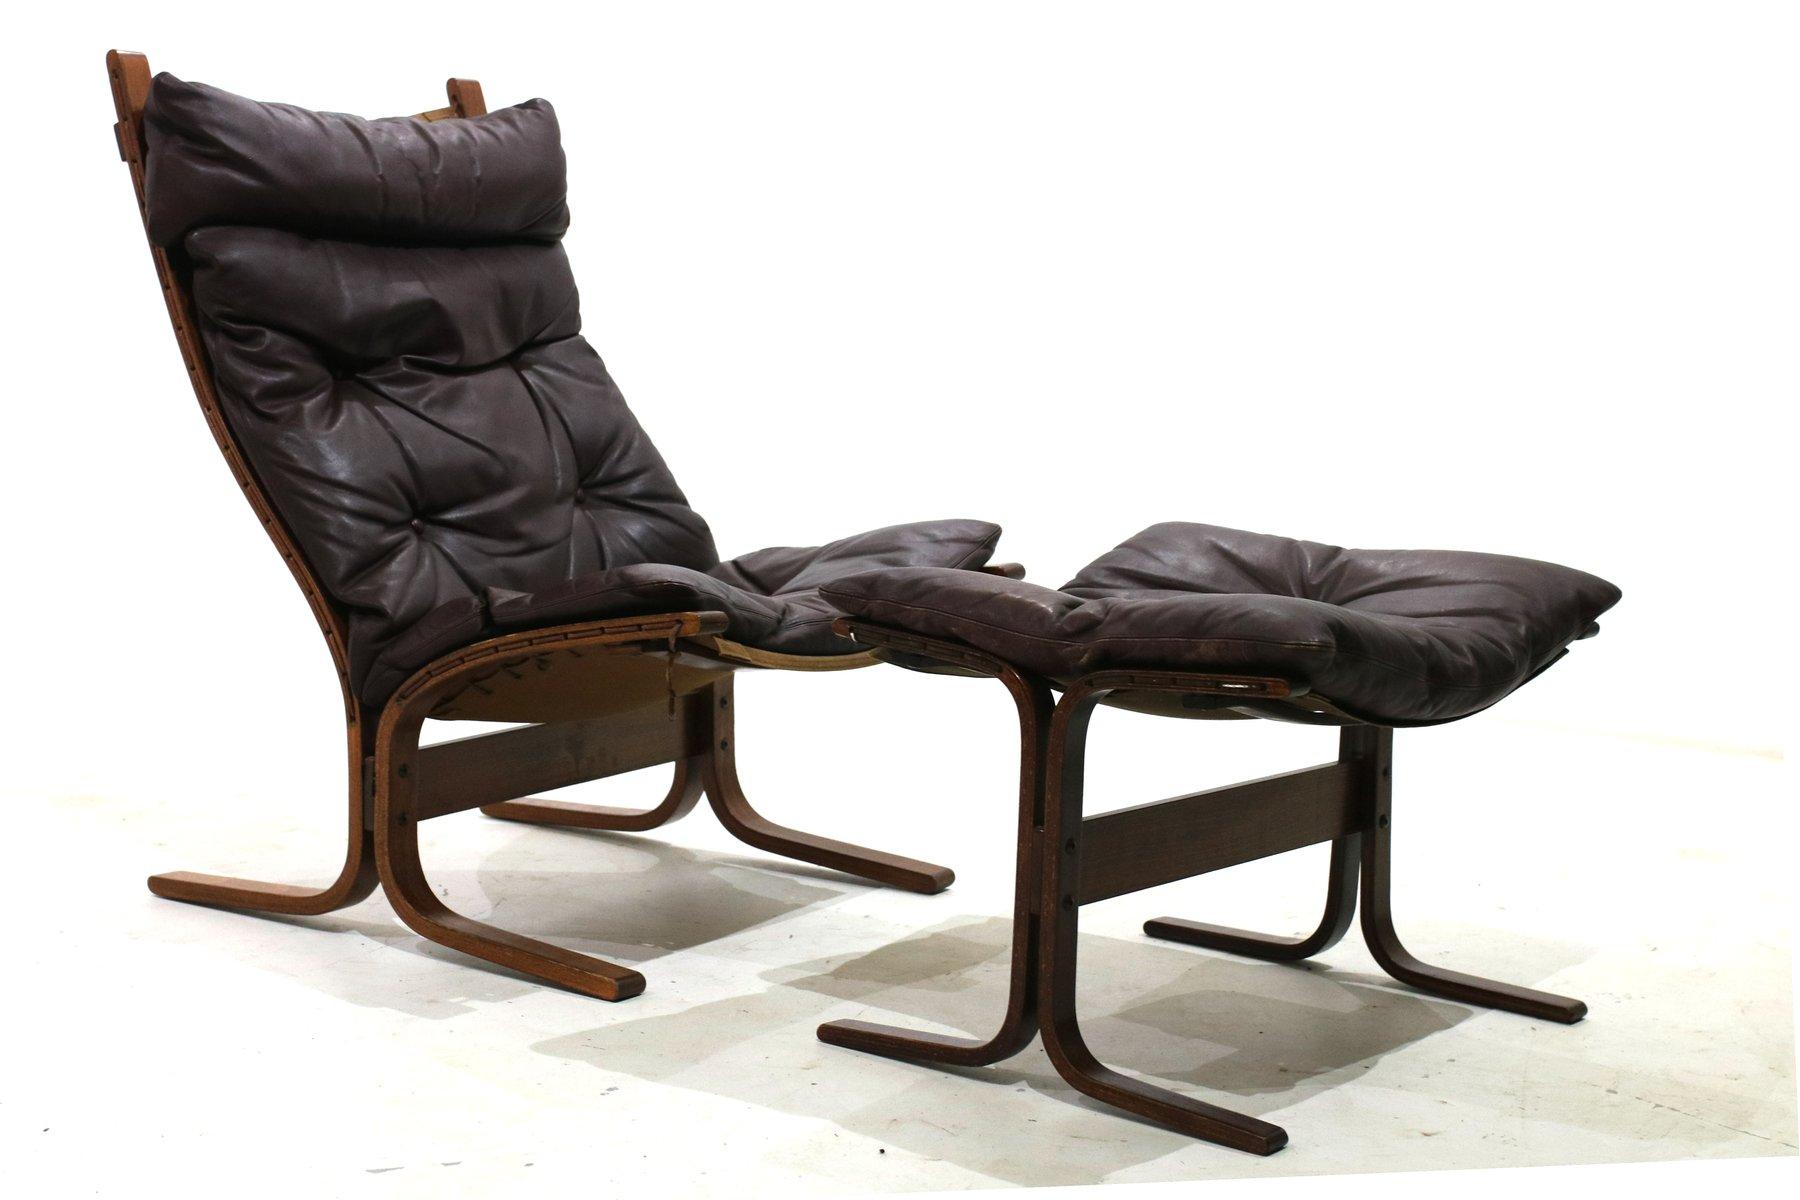 Siesta Sessel mit Fußhocker von Ingmar Relling für Westnofa 1960er bei Pamono kaufen